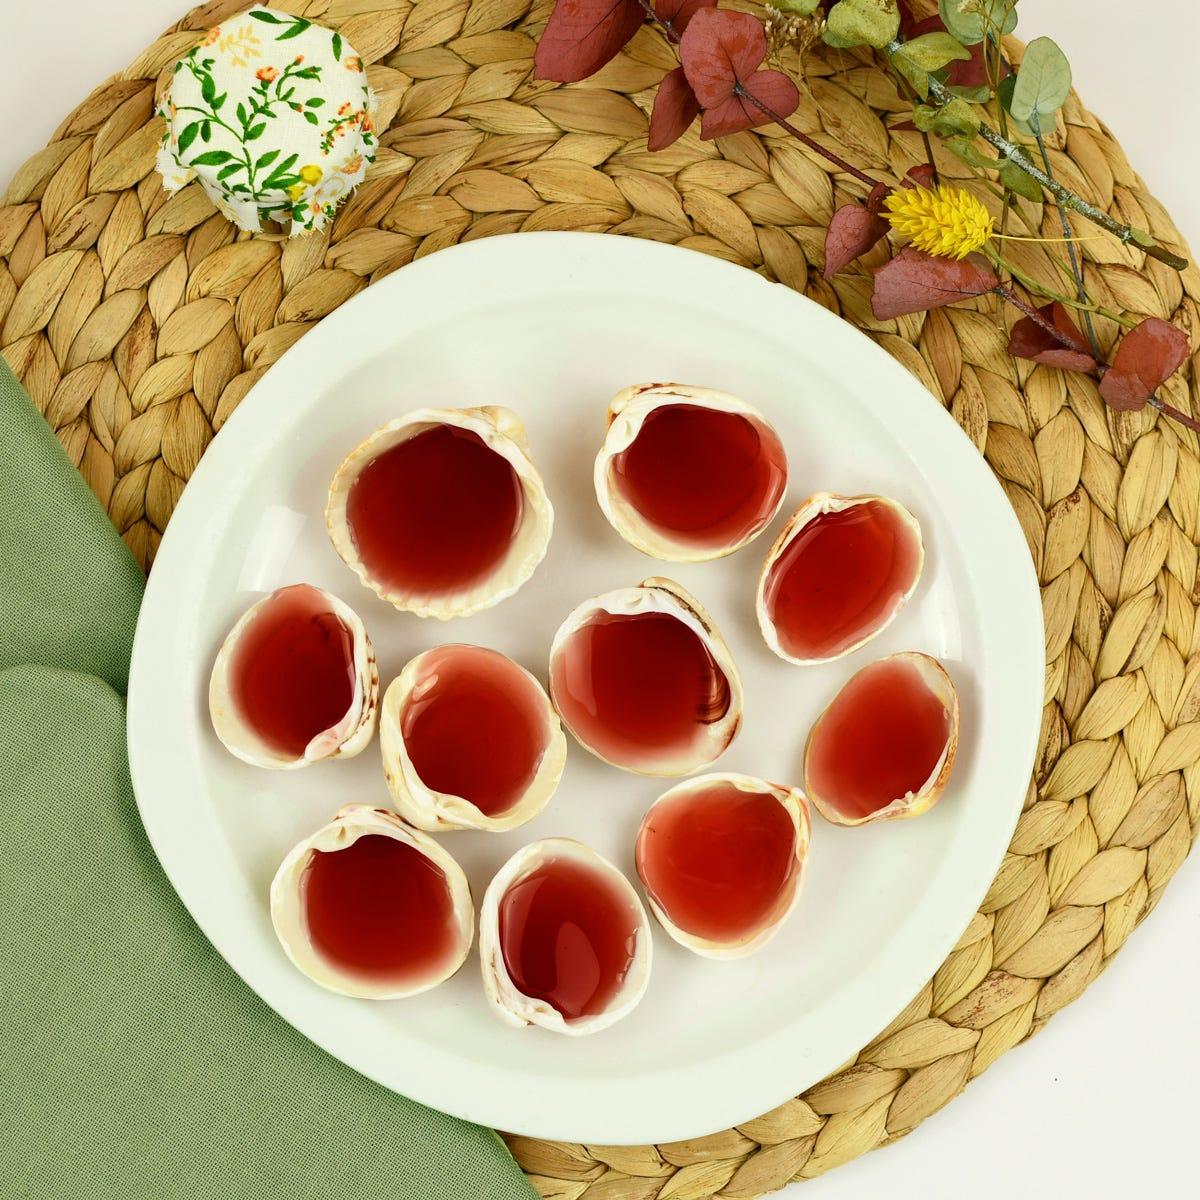 Mit einer karamellisierten Bonbonmasse gefüllte Muscheln, ein ideales Sommerrezept.